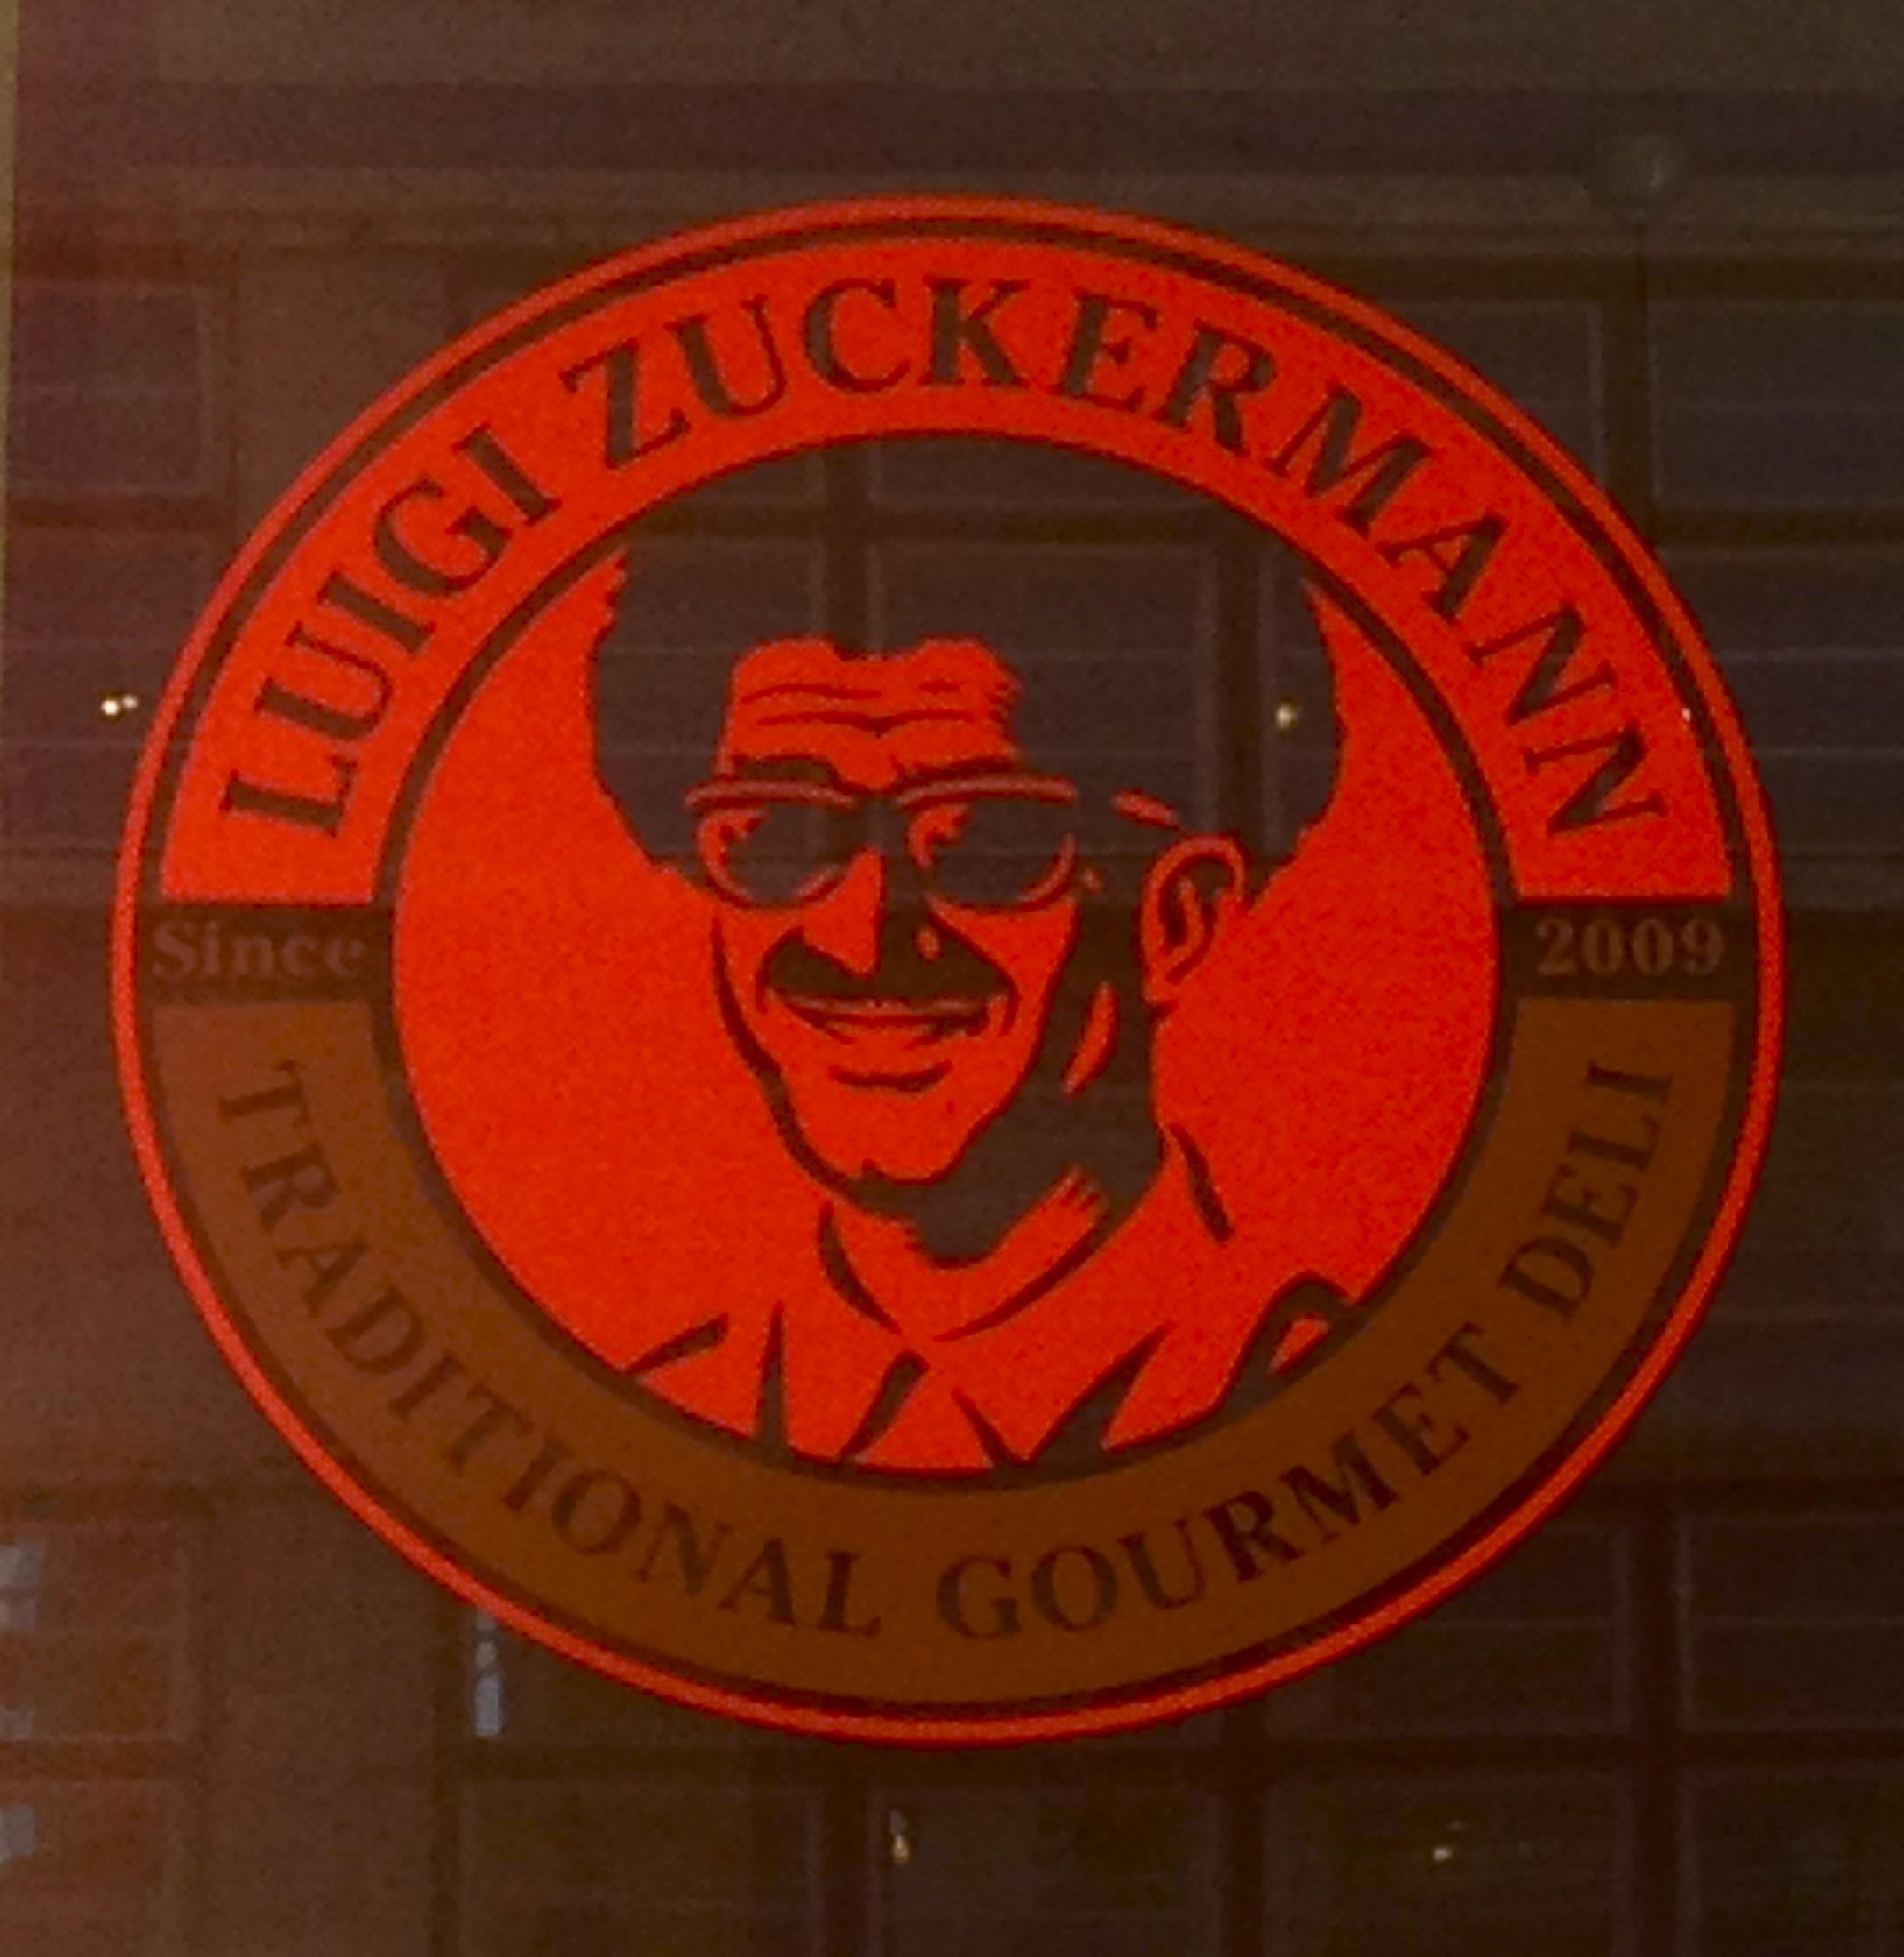 Luigi-Zuckermann-Pastrami-Sandwich-2